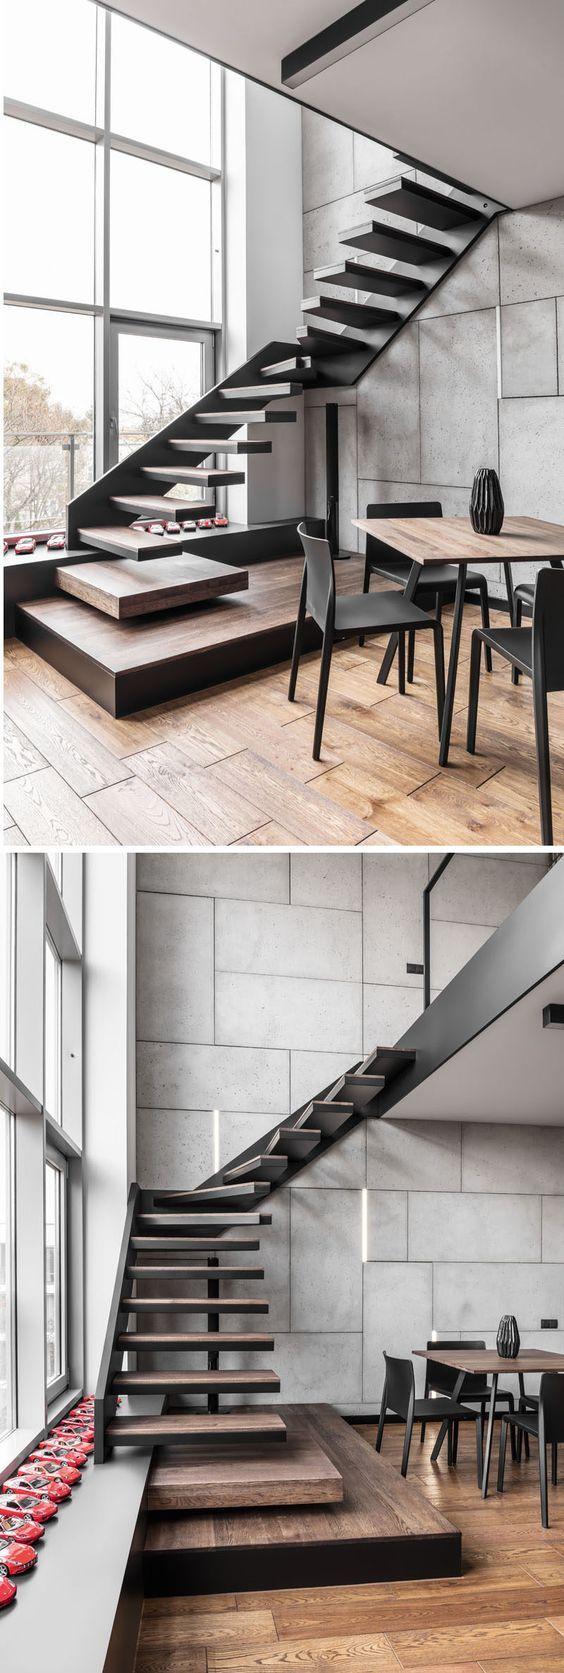 Esta escalera que conduce hasta el nivel del entresuelo se hace de acero negro y peldaños de la escalera de madera.